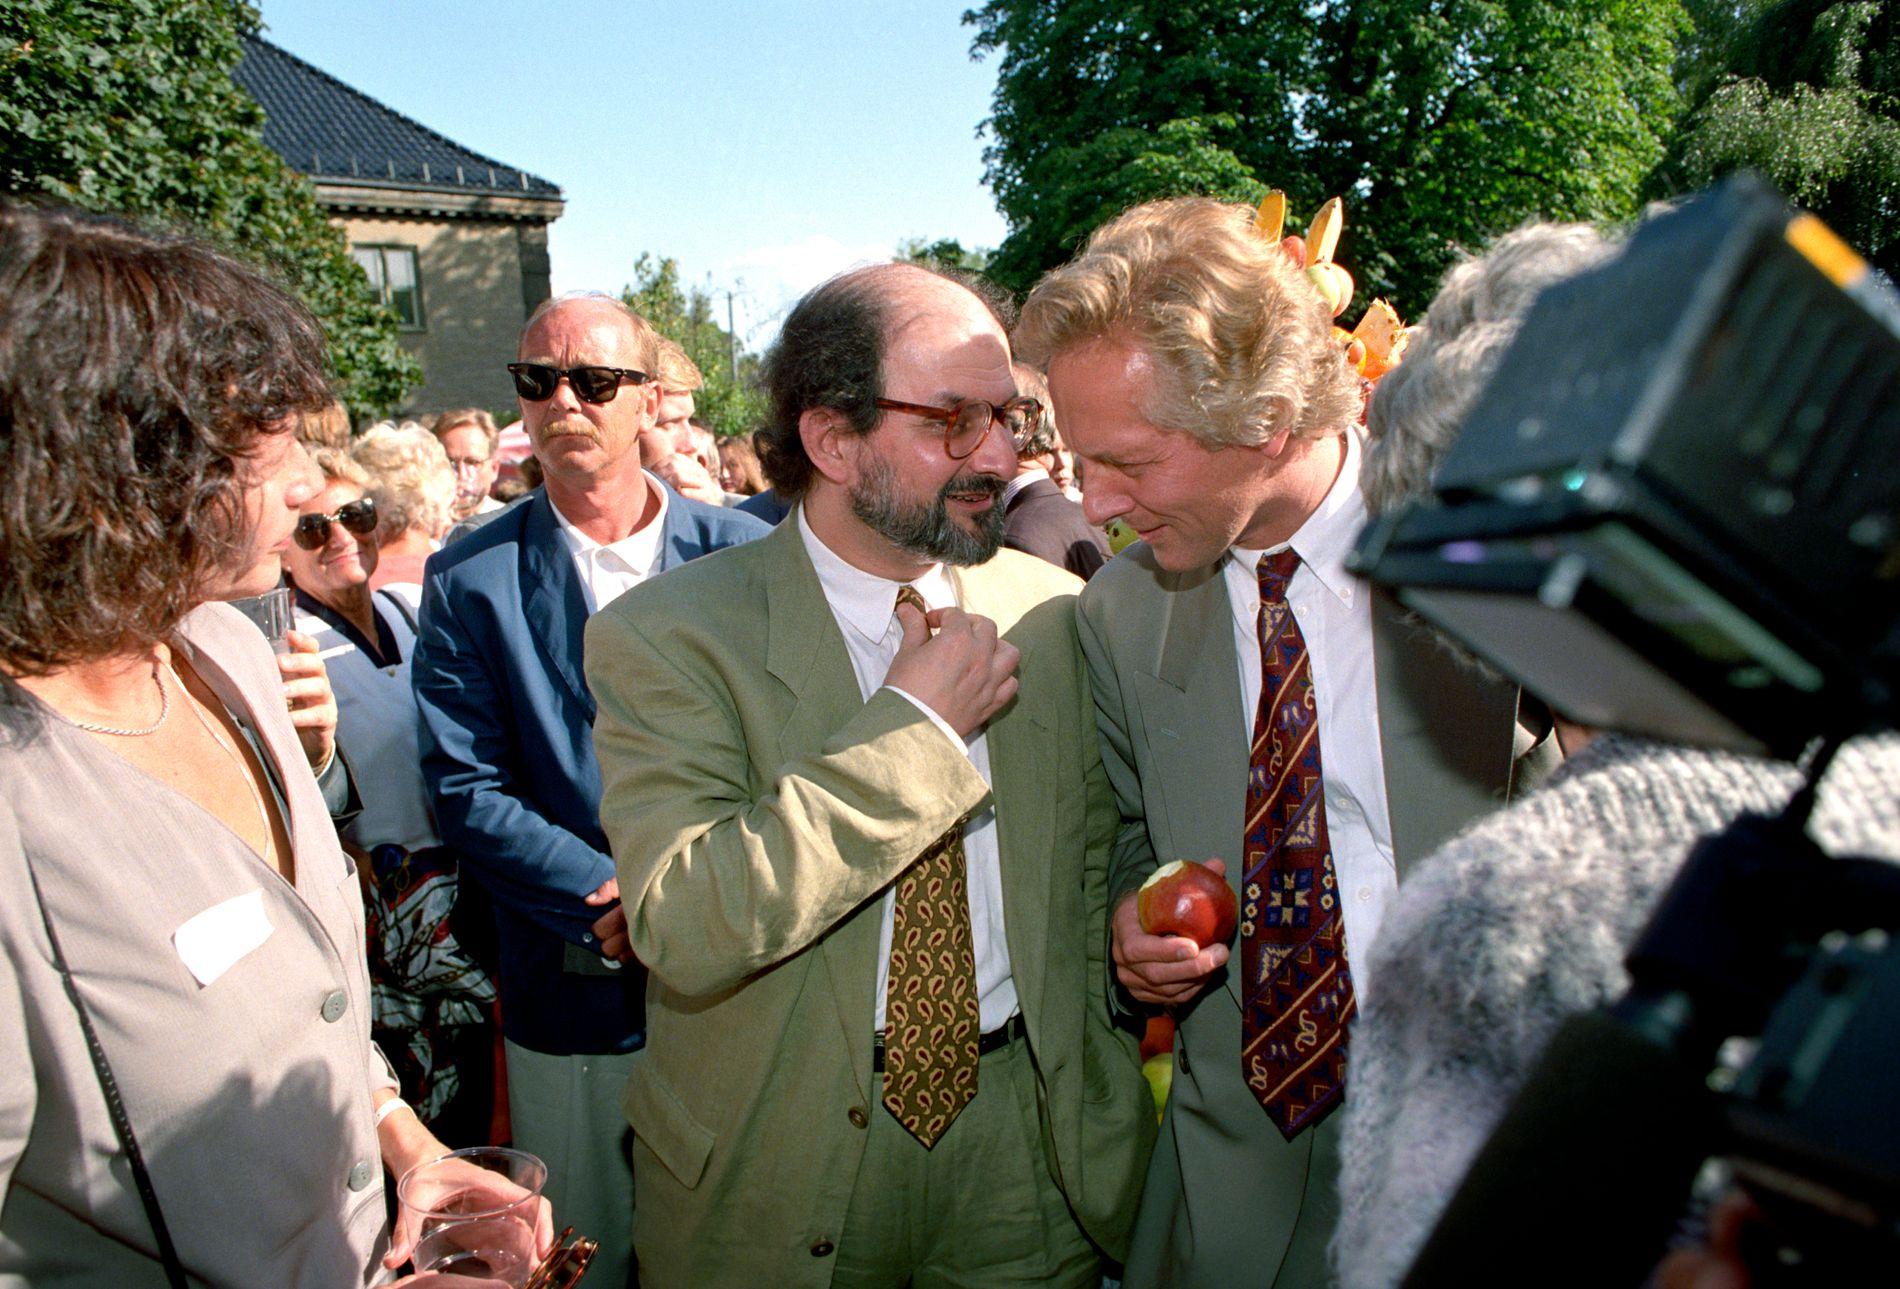 FLERE SIKTET: Her er Salman Rushdie og William Nygaard fotografert sammen på Aschehougs hagefest i 1992. Året etter ble Nygaard forsøkt drept utenfor sitt eget hjem.